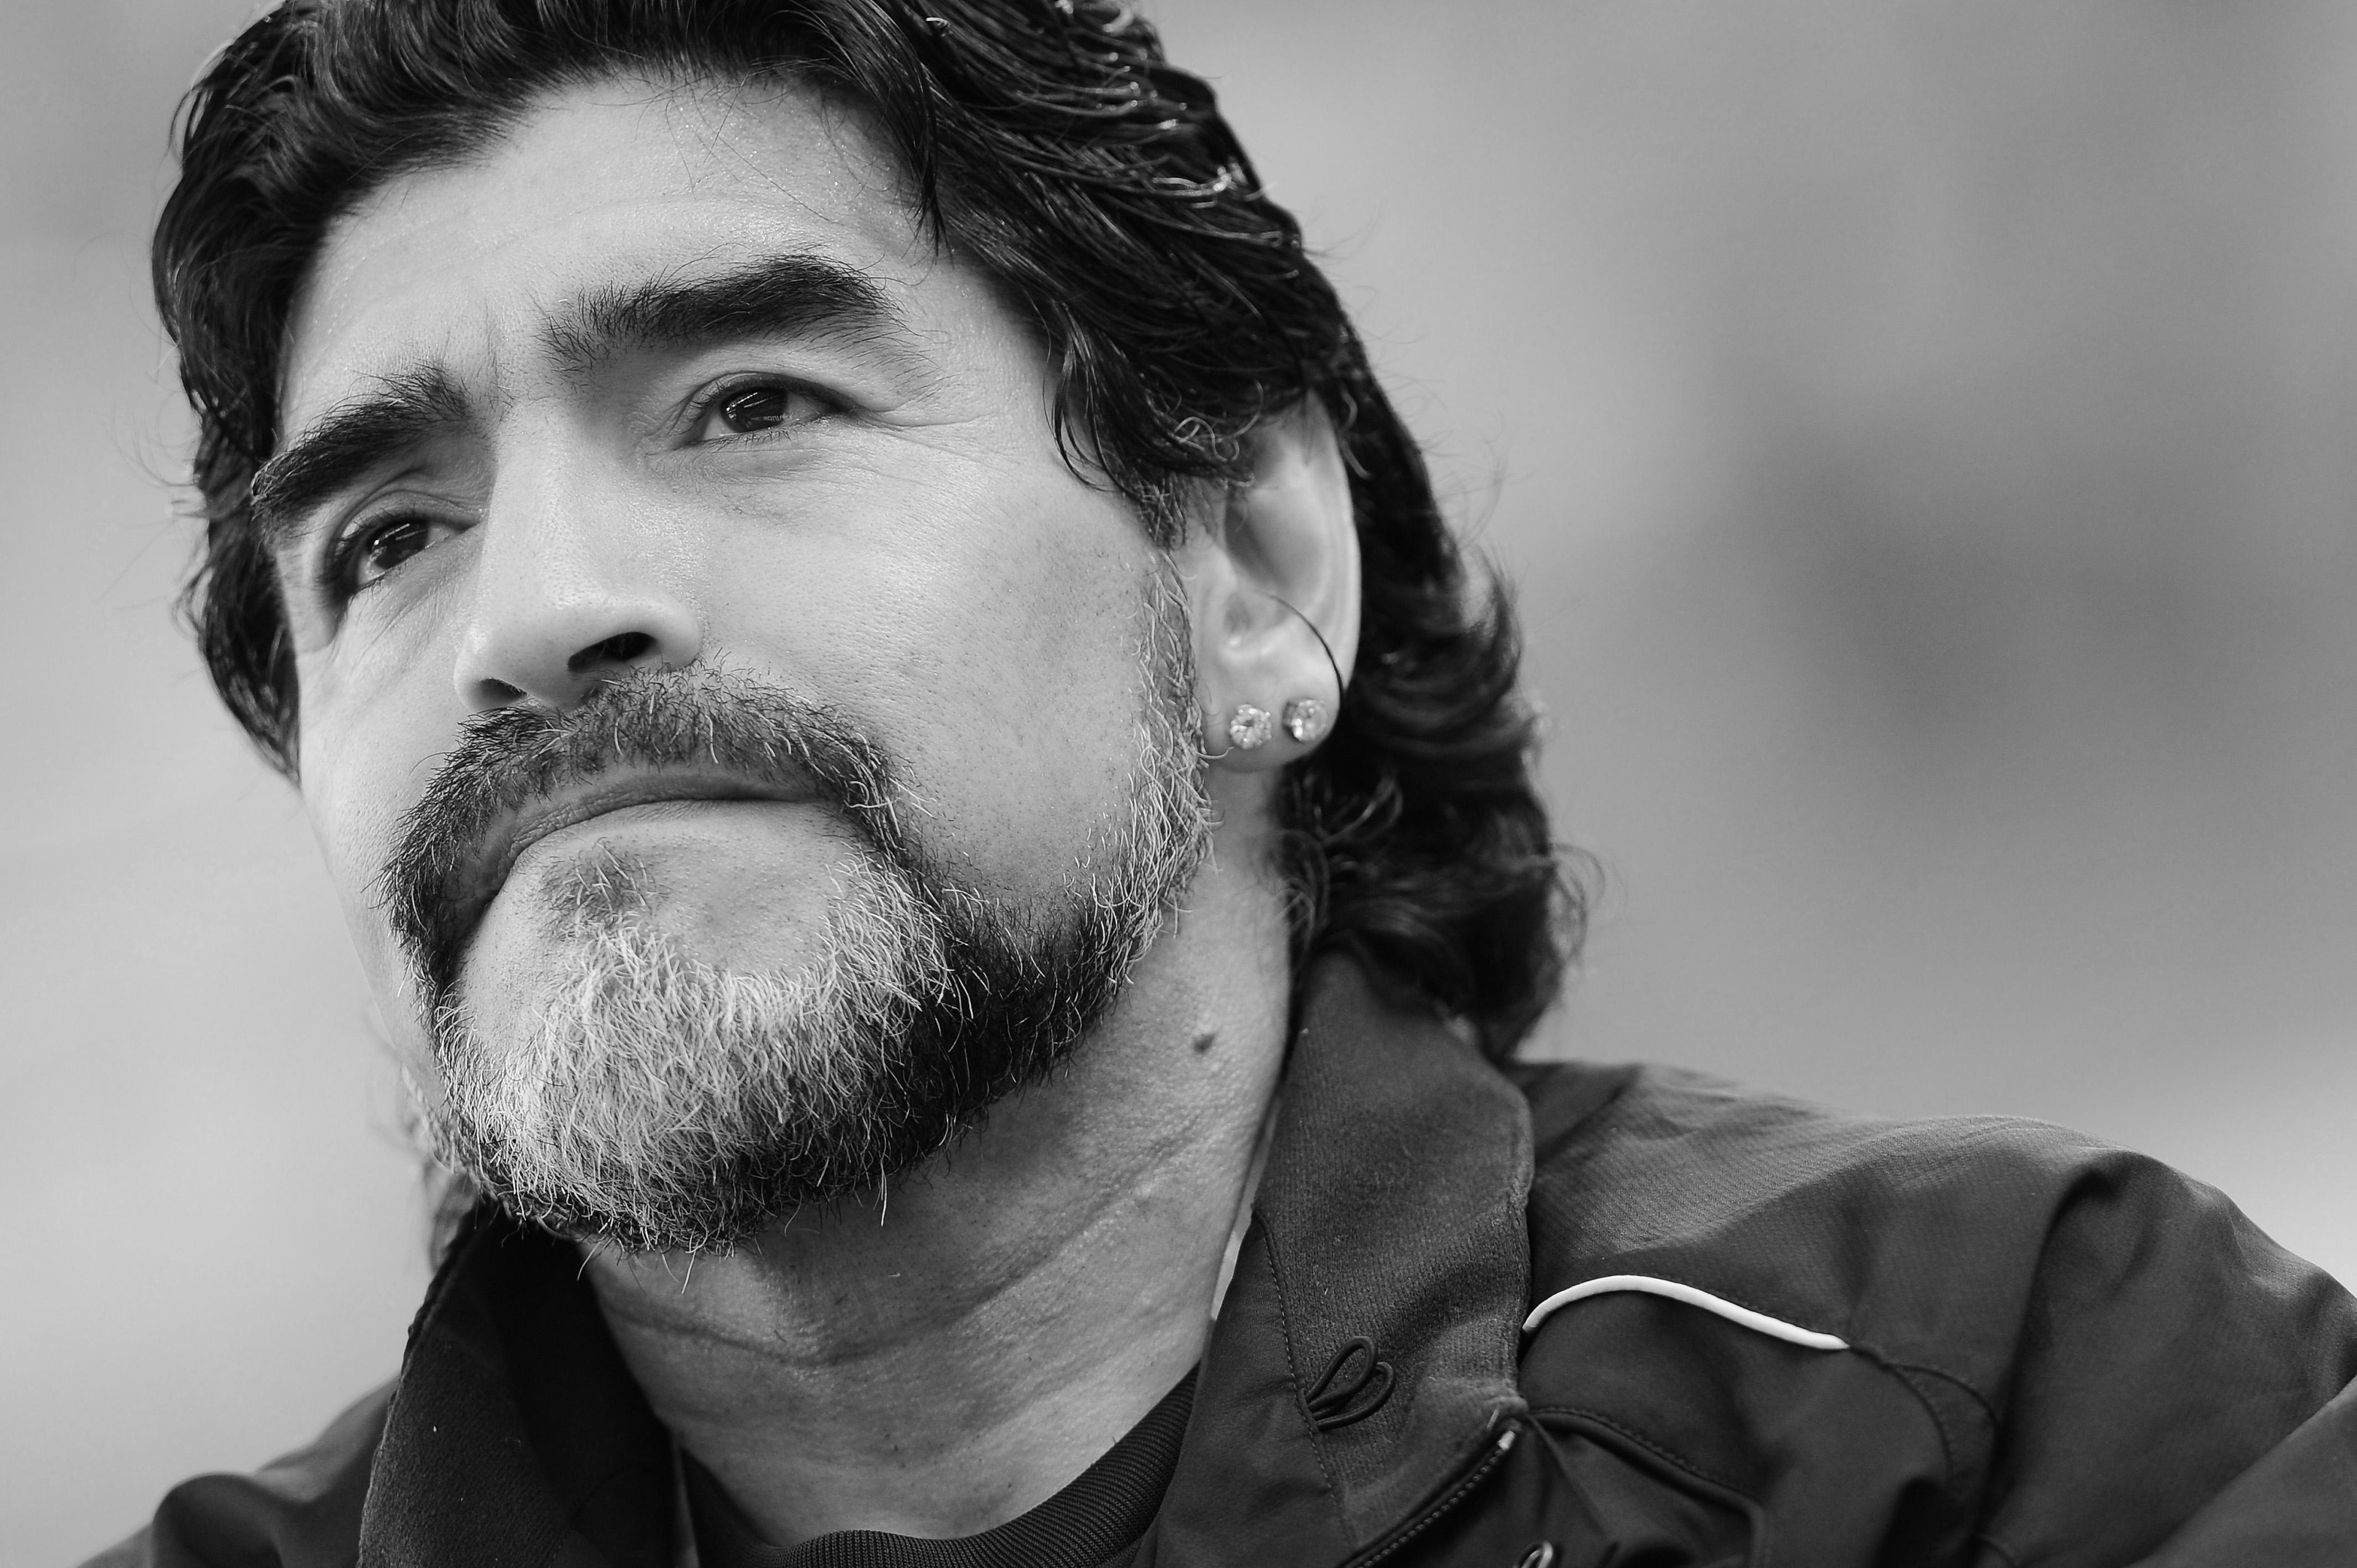 ++ EILMELDUNG: Fußball-Ikone Diego Maradona verstorben ++